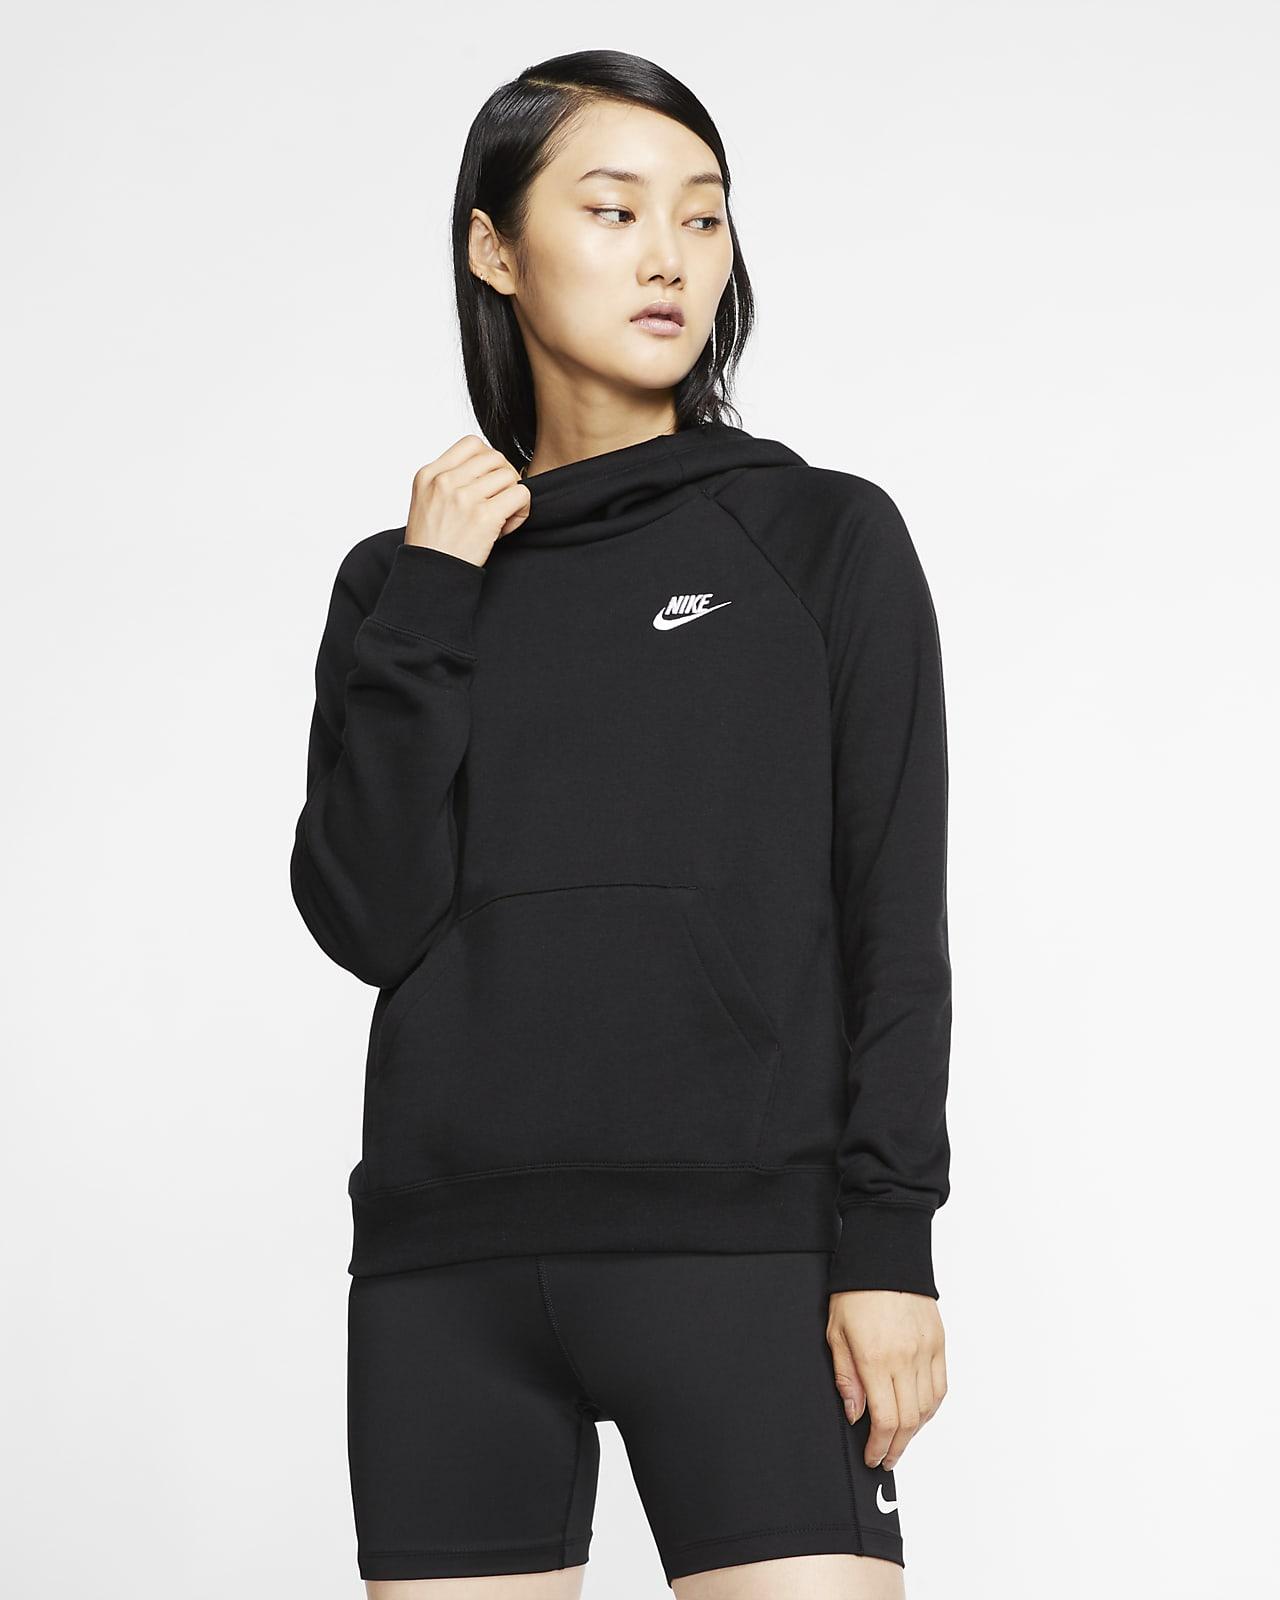 Γυναικεία φλις μπλούζα με κουκούλα και ψηλό, φαρδύ γιακά Nike Sportswear Essential